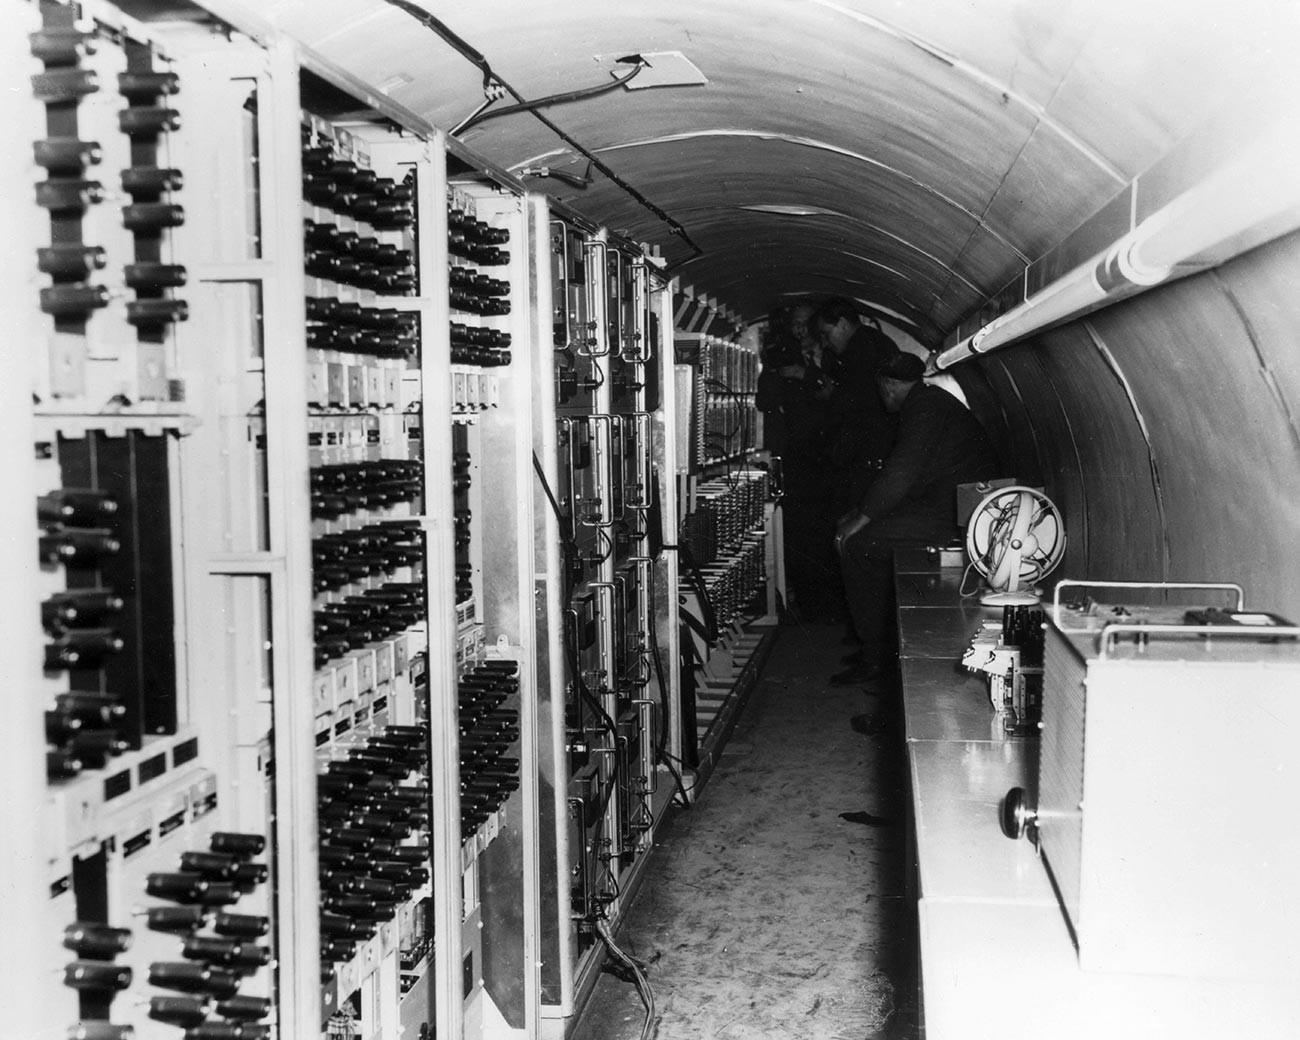 Terowongan Berlin temuan Soviet.